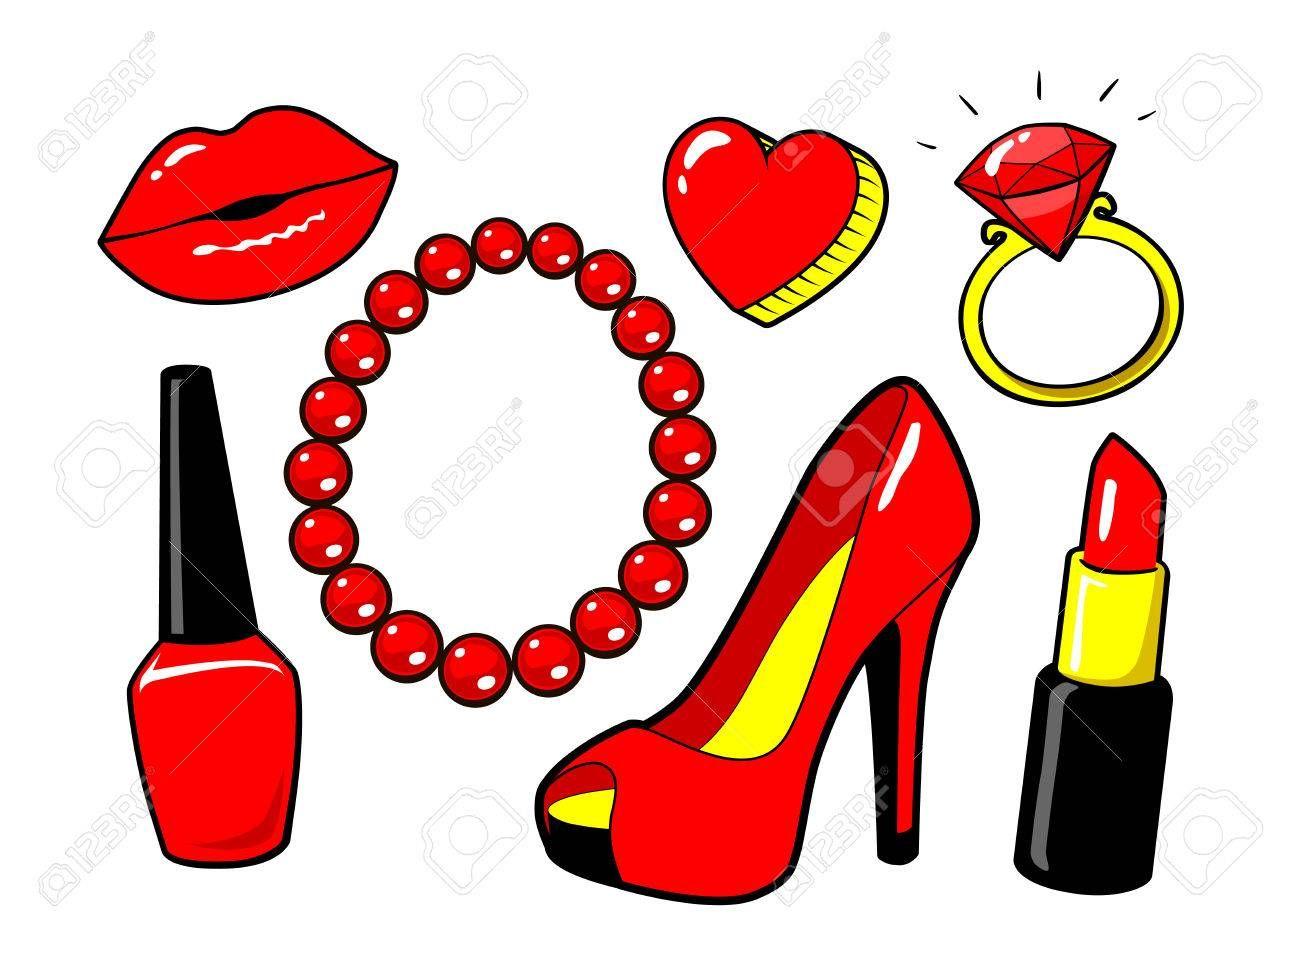 Labios Rojo Beso Esmalte De Unas Lapiz Labial Corazon Anillo Diamand Zapato Para Mujer Collar De Perlas Maquillaje Estilo De Moda Vector Elementos De Dibujos De Labios Dibujos Dibujos De Maquillaje